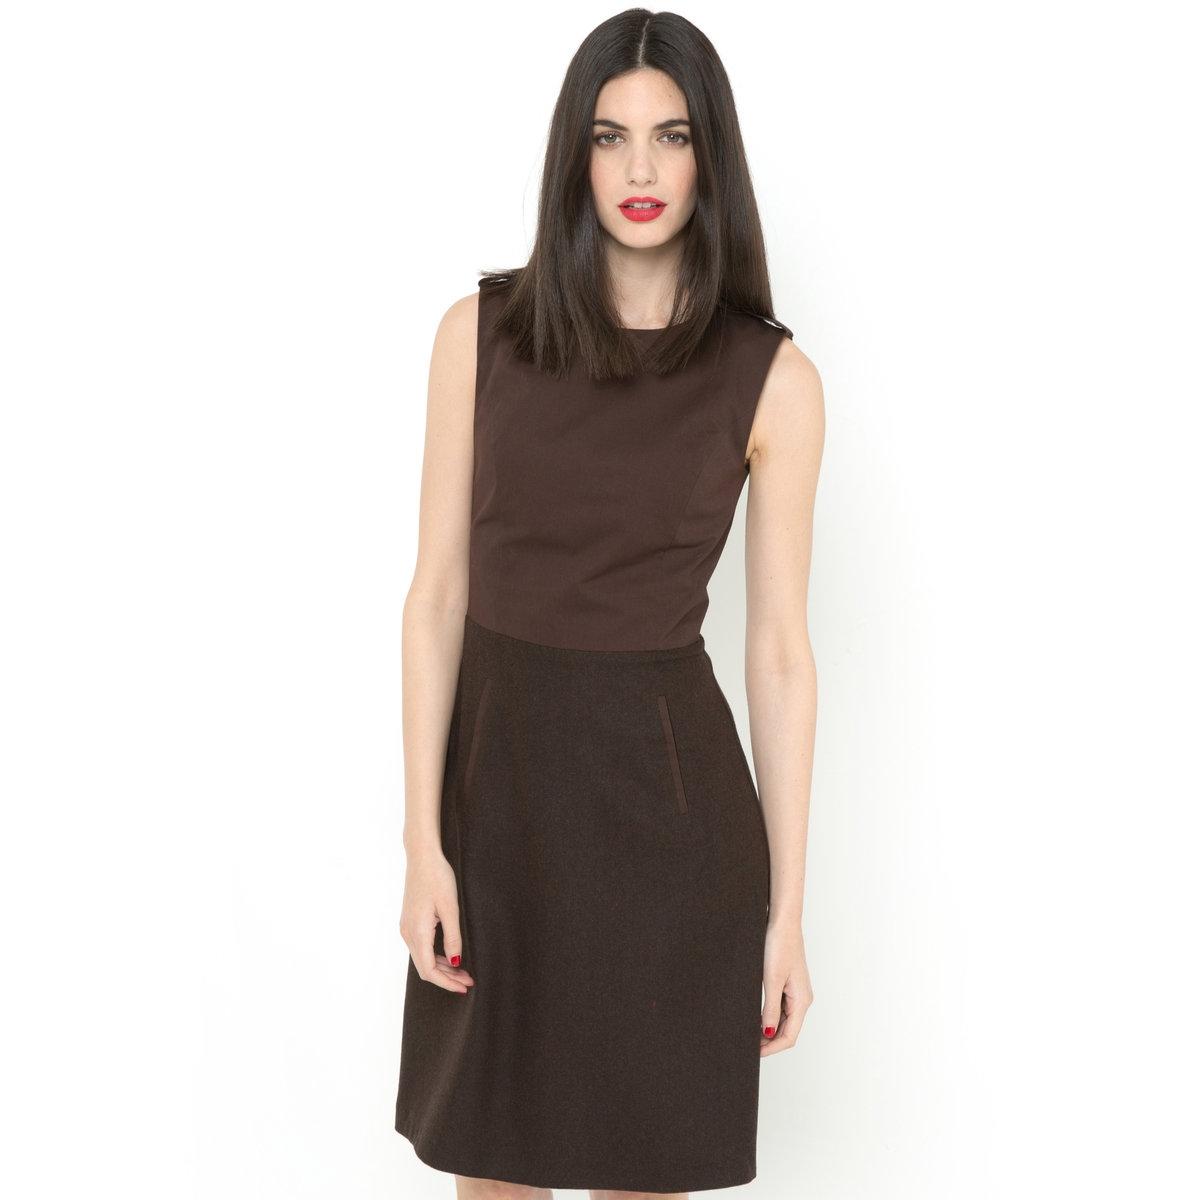 Платье без рукавов из двух материаловВерх 100% хлопка на сатиновой подкладке 100% полиэстера. Круглый вырез . Планки с металлической пуговицей золотистого цвета на плечах . Отрезные детали спереди и сзади .   Застежка на скрытую молнию на спинке . Отрезное по талии . Низ 35% акрила, 31% шерсти, 27% полиэстера, 4% вискозы, 3% полиамидаe. Расклешенная юбка . 2 кармана с отделкой бейкой. Длина 95 см .<br><br>Цвет: каштановый<br>Размер: 36 (FR) - 42 (RUS).40 (FR) - 46 (RUS).42 (FR) - 48 (RUS)